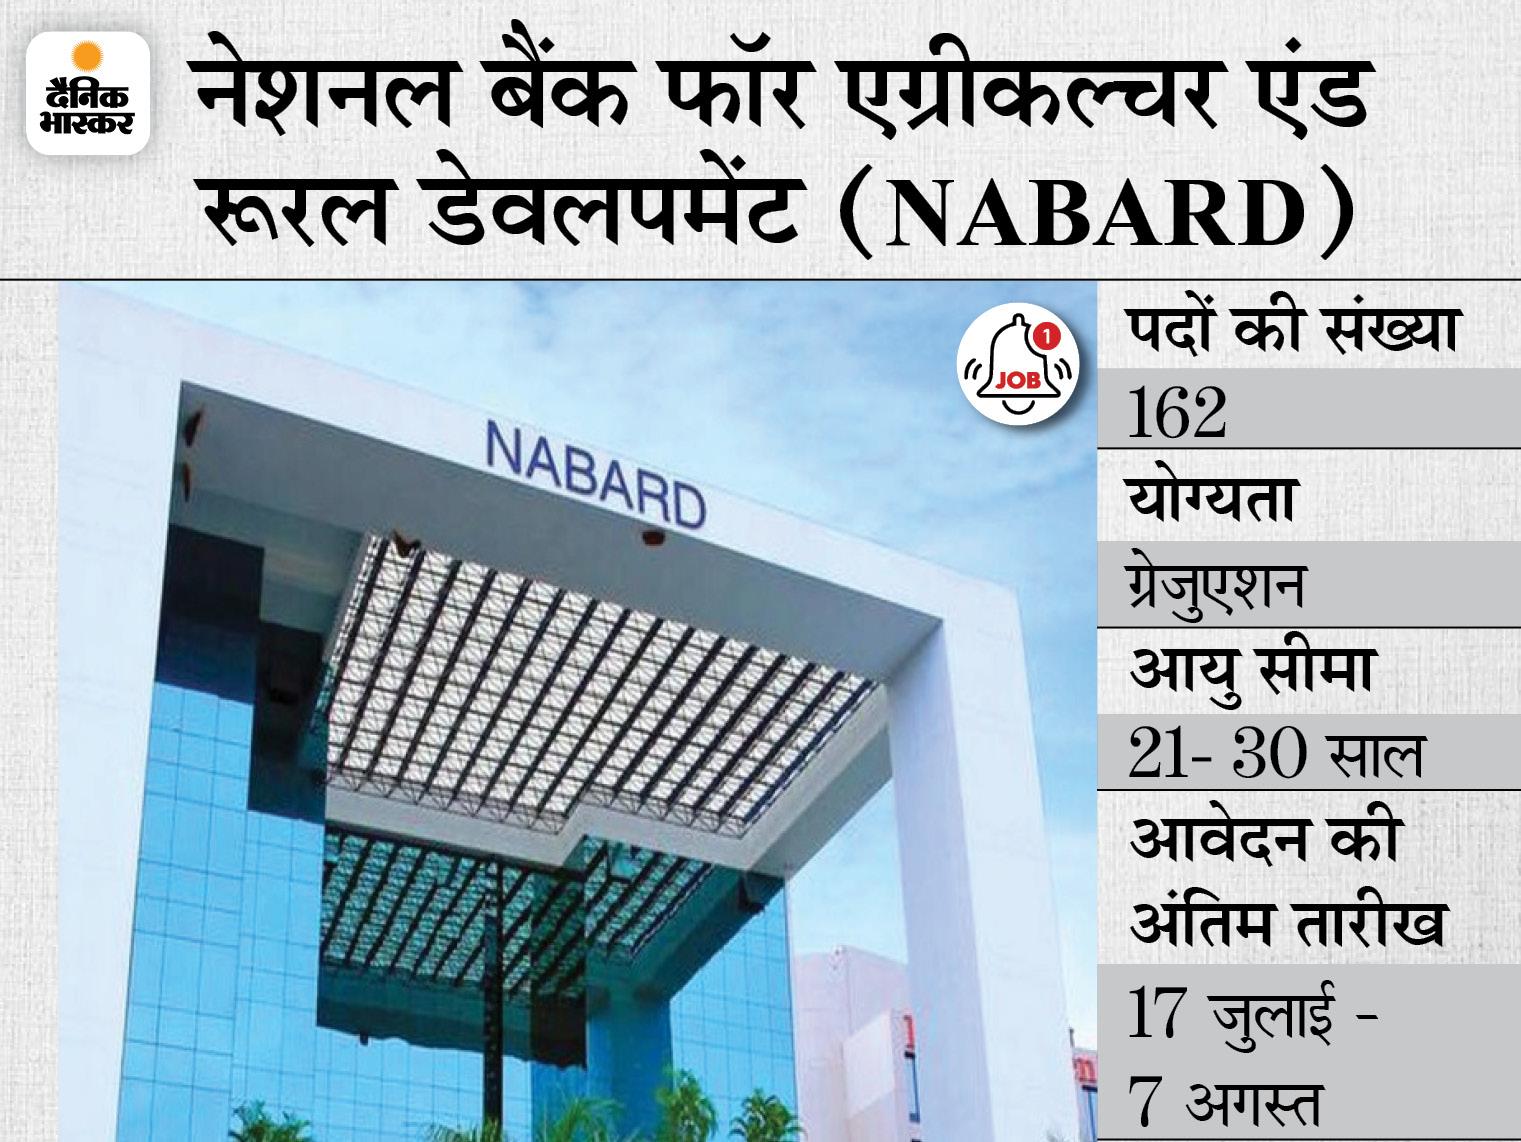 NABARD में असिस्टेंट मैनेजर और मैनेजर पदों पर भर्ती के लिए करें अप्लाई, आवेदन की आखिरी तारीख कल|करिअर,Career - Dainik Bhaskar